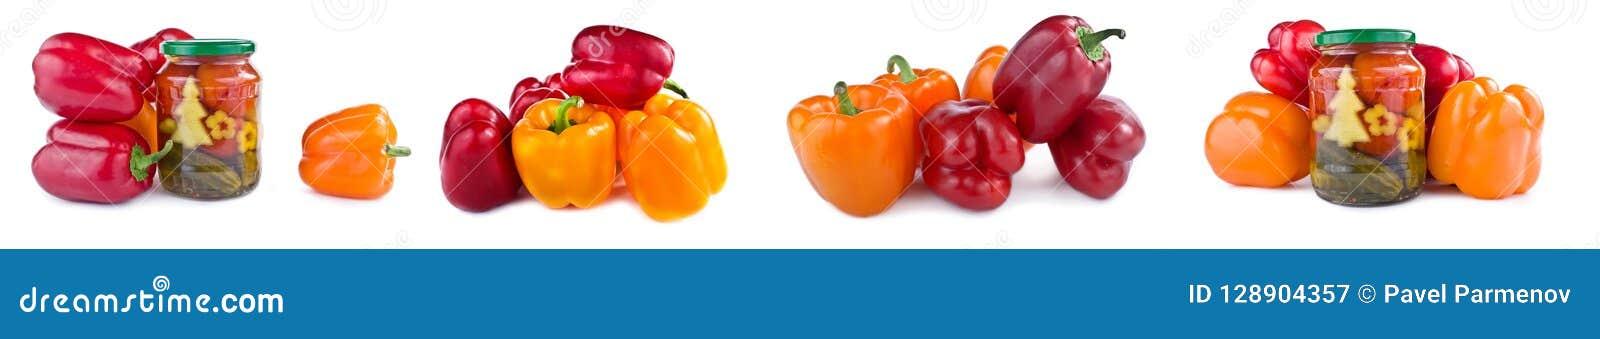 Bulgarisk peppar, inlagda gurkor och tomater collage